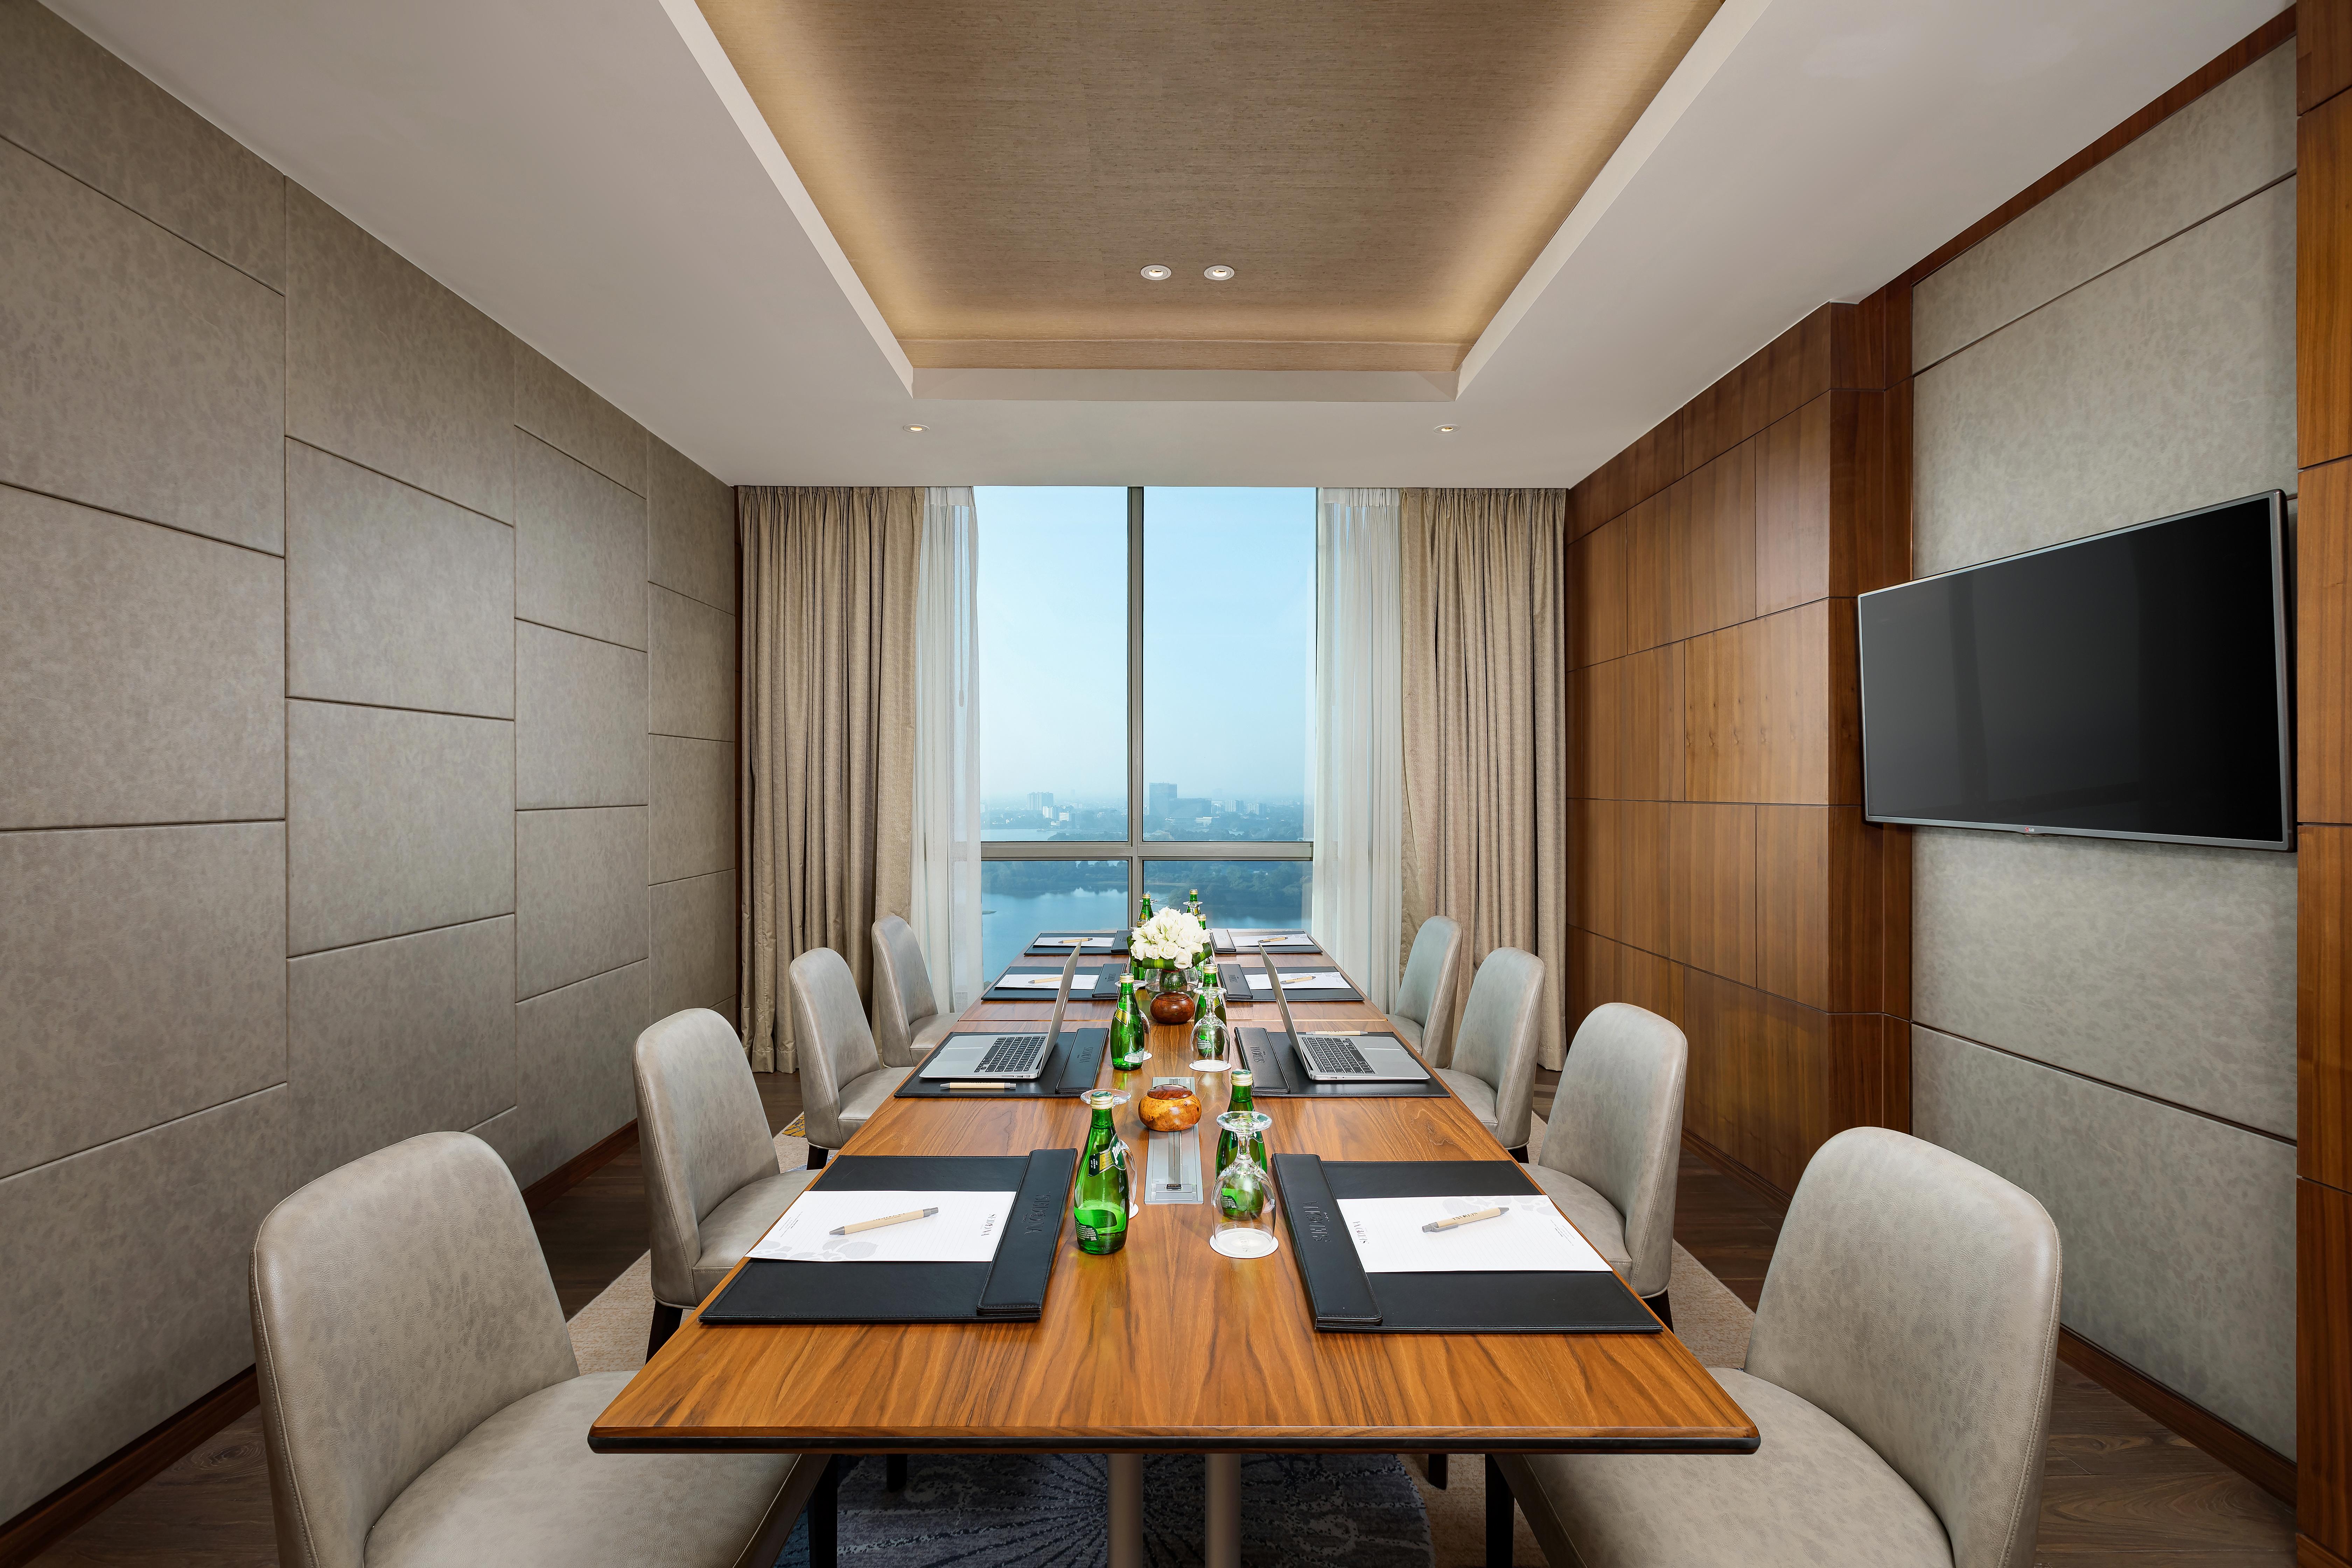 Presidential-Suite-Meeting-room